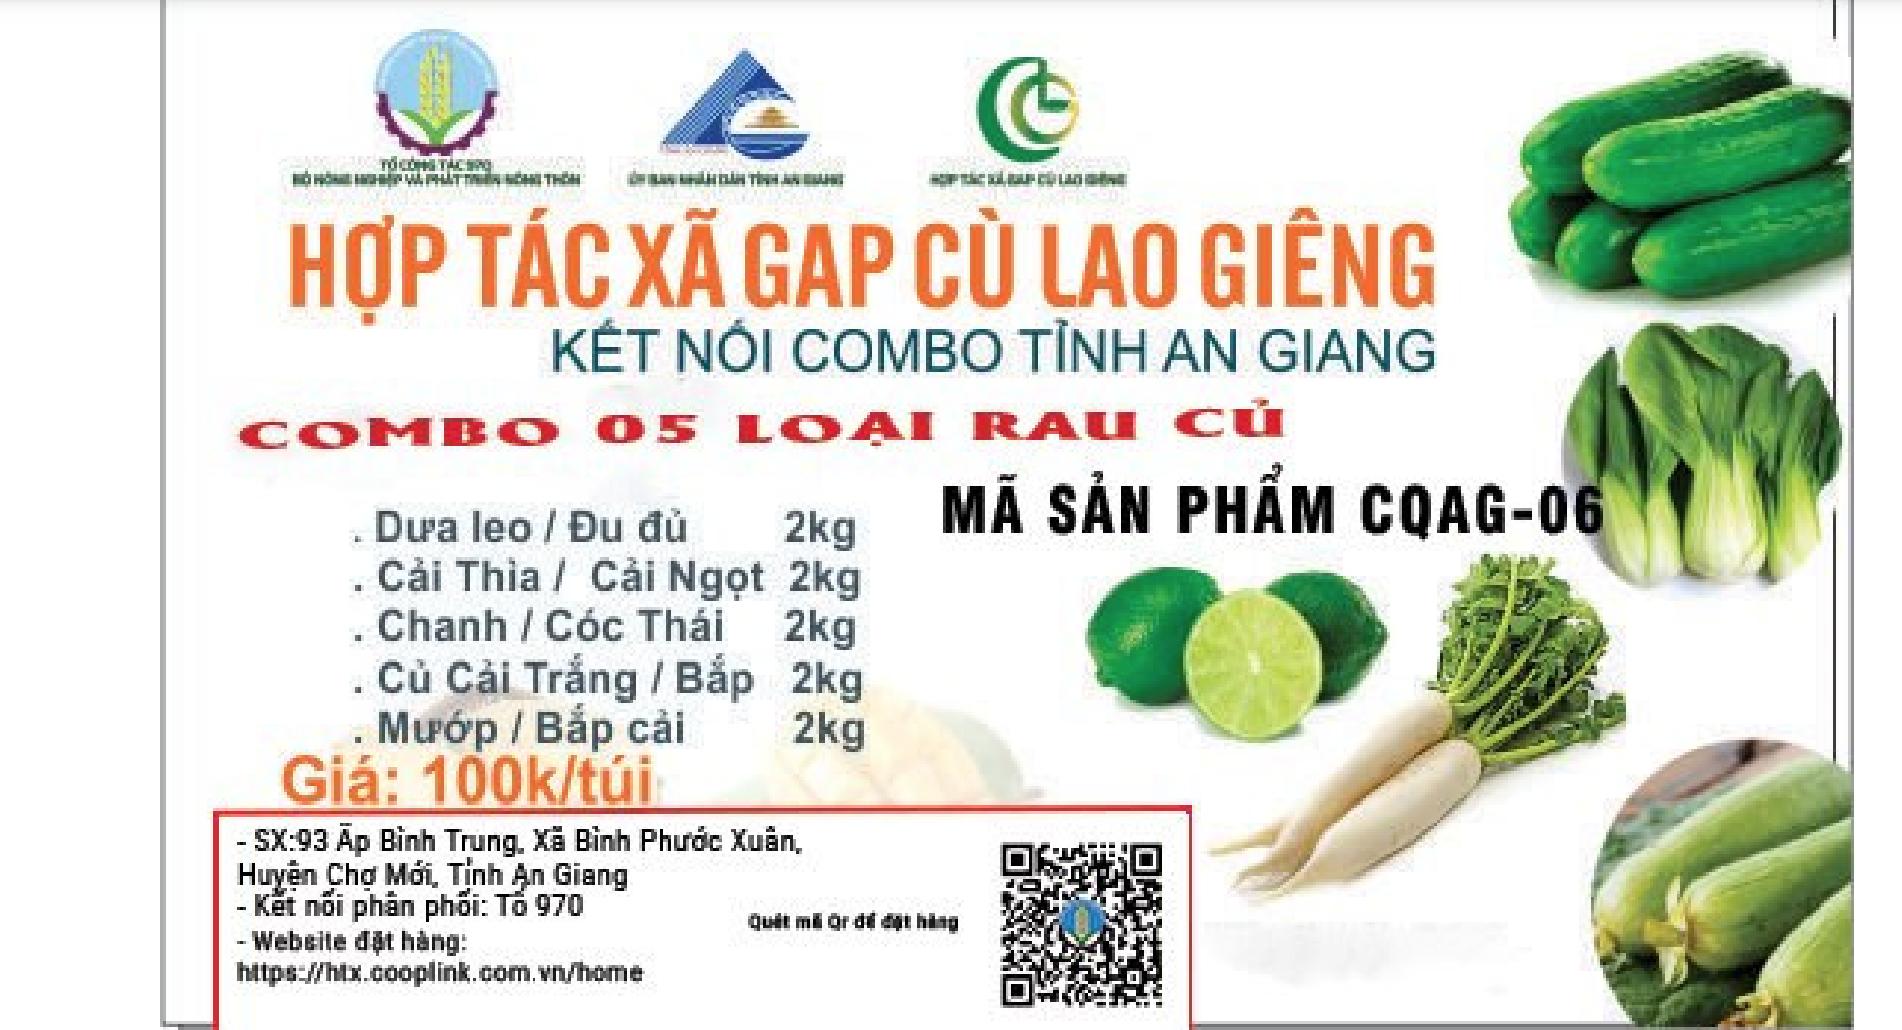 Combo 100.000 gồm từ An Giang gồm: 2kg dưa leo/đu đủ, 2kg cải thìa/cải ngọt, 2kg chanh/cóc thái, 2kg củ cải trắng/bắp, 2kg mướp/bắp cải.